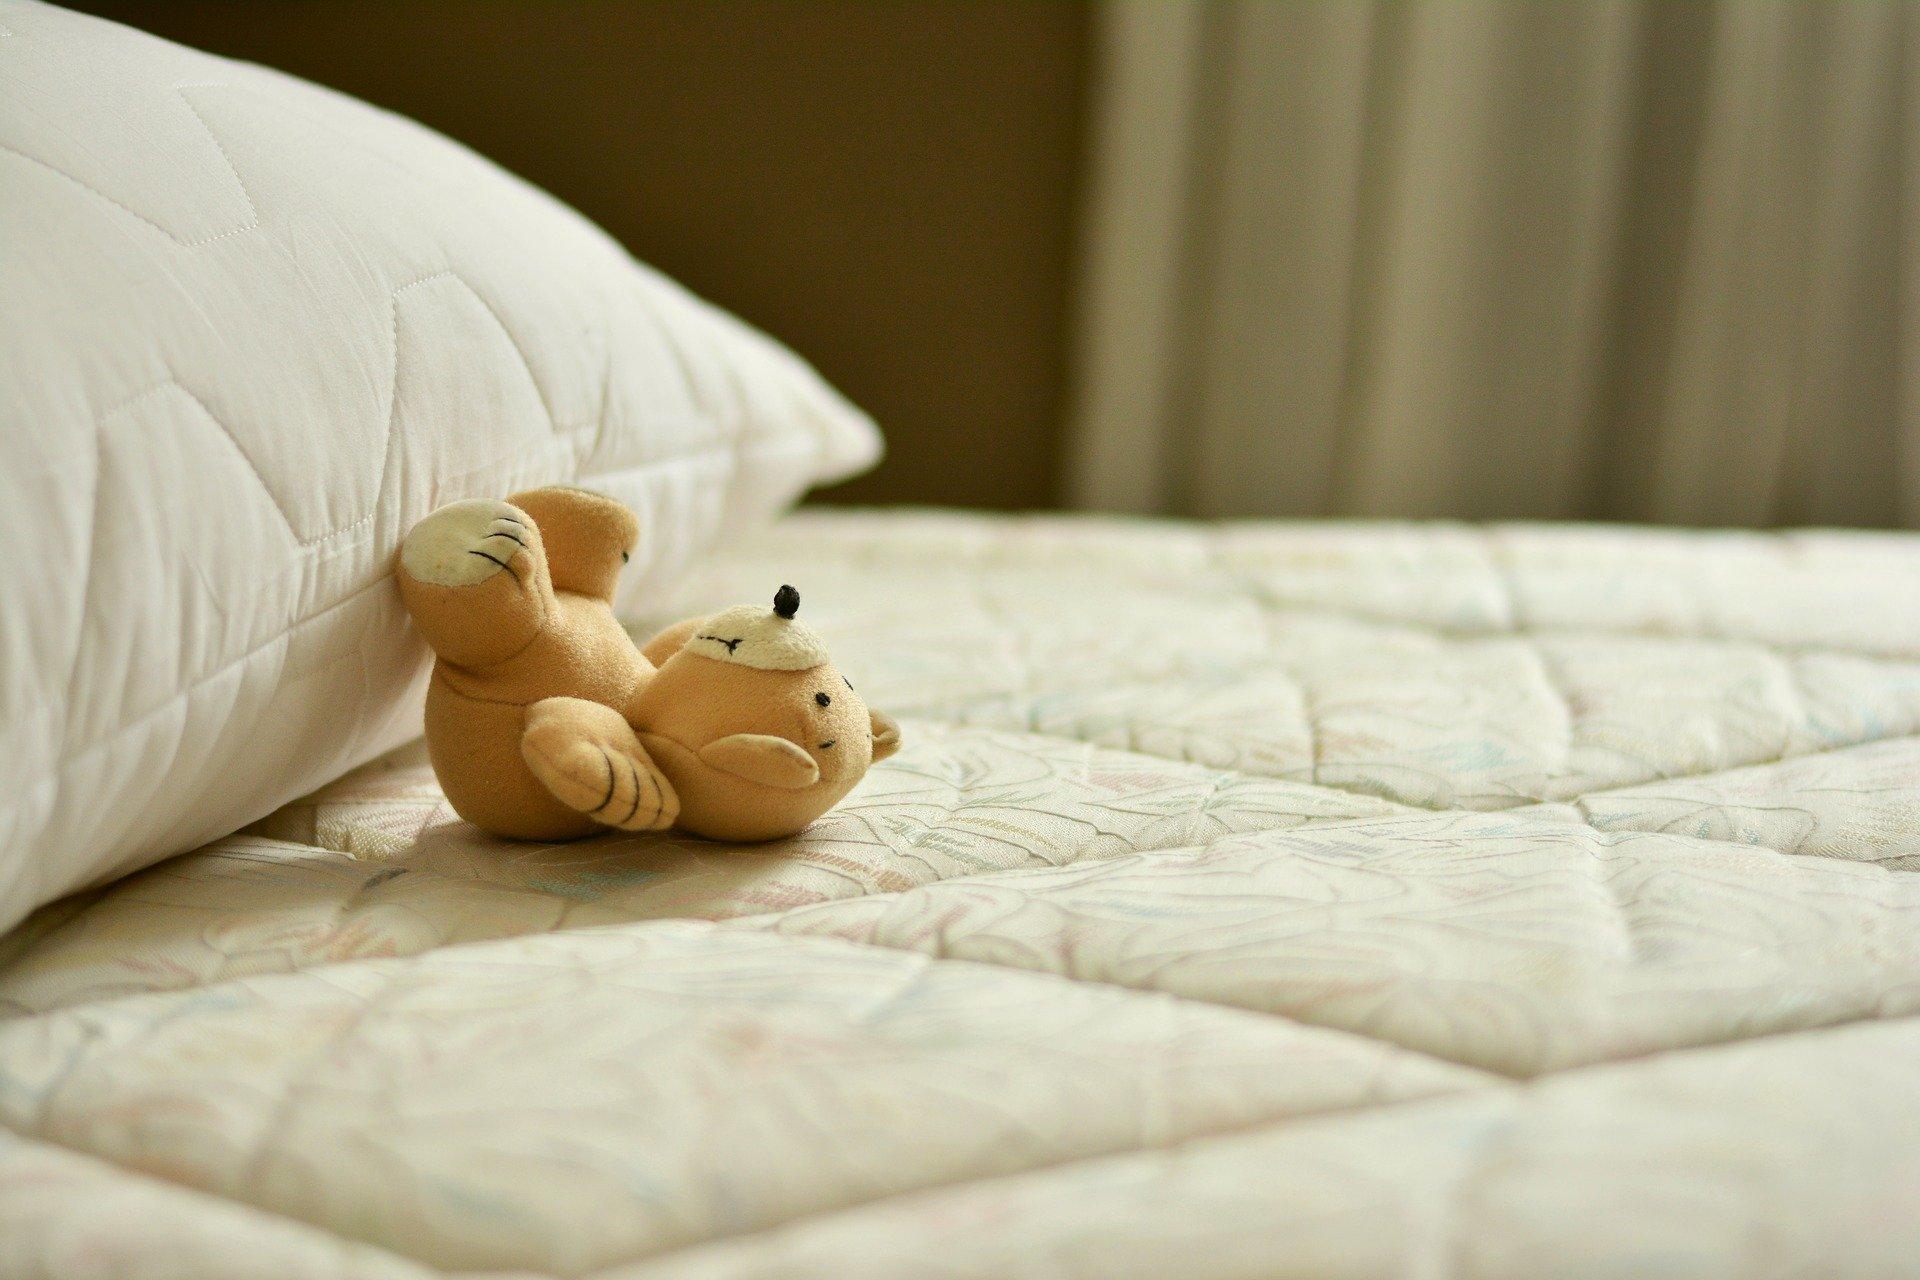 mattress-2489615_1920